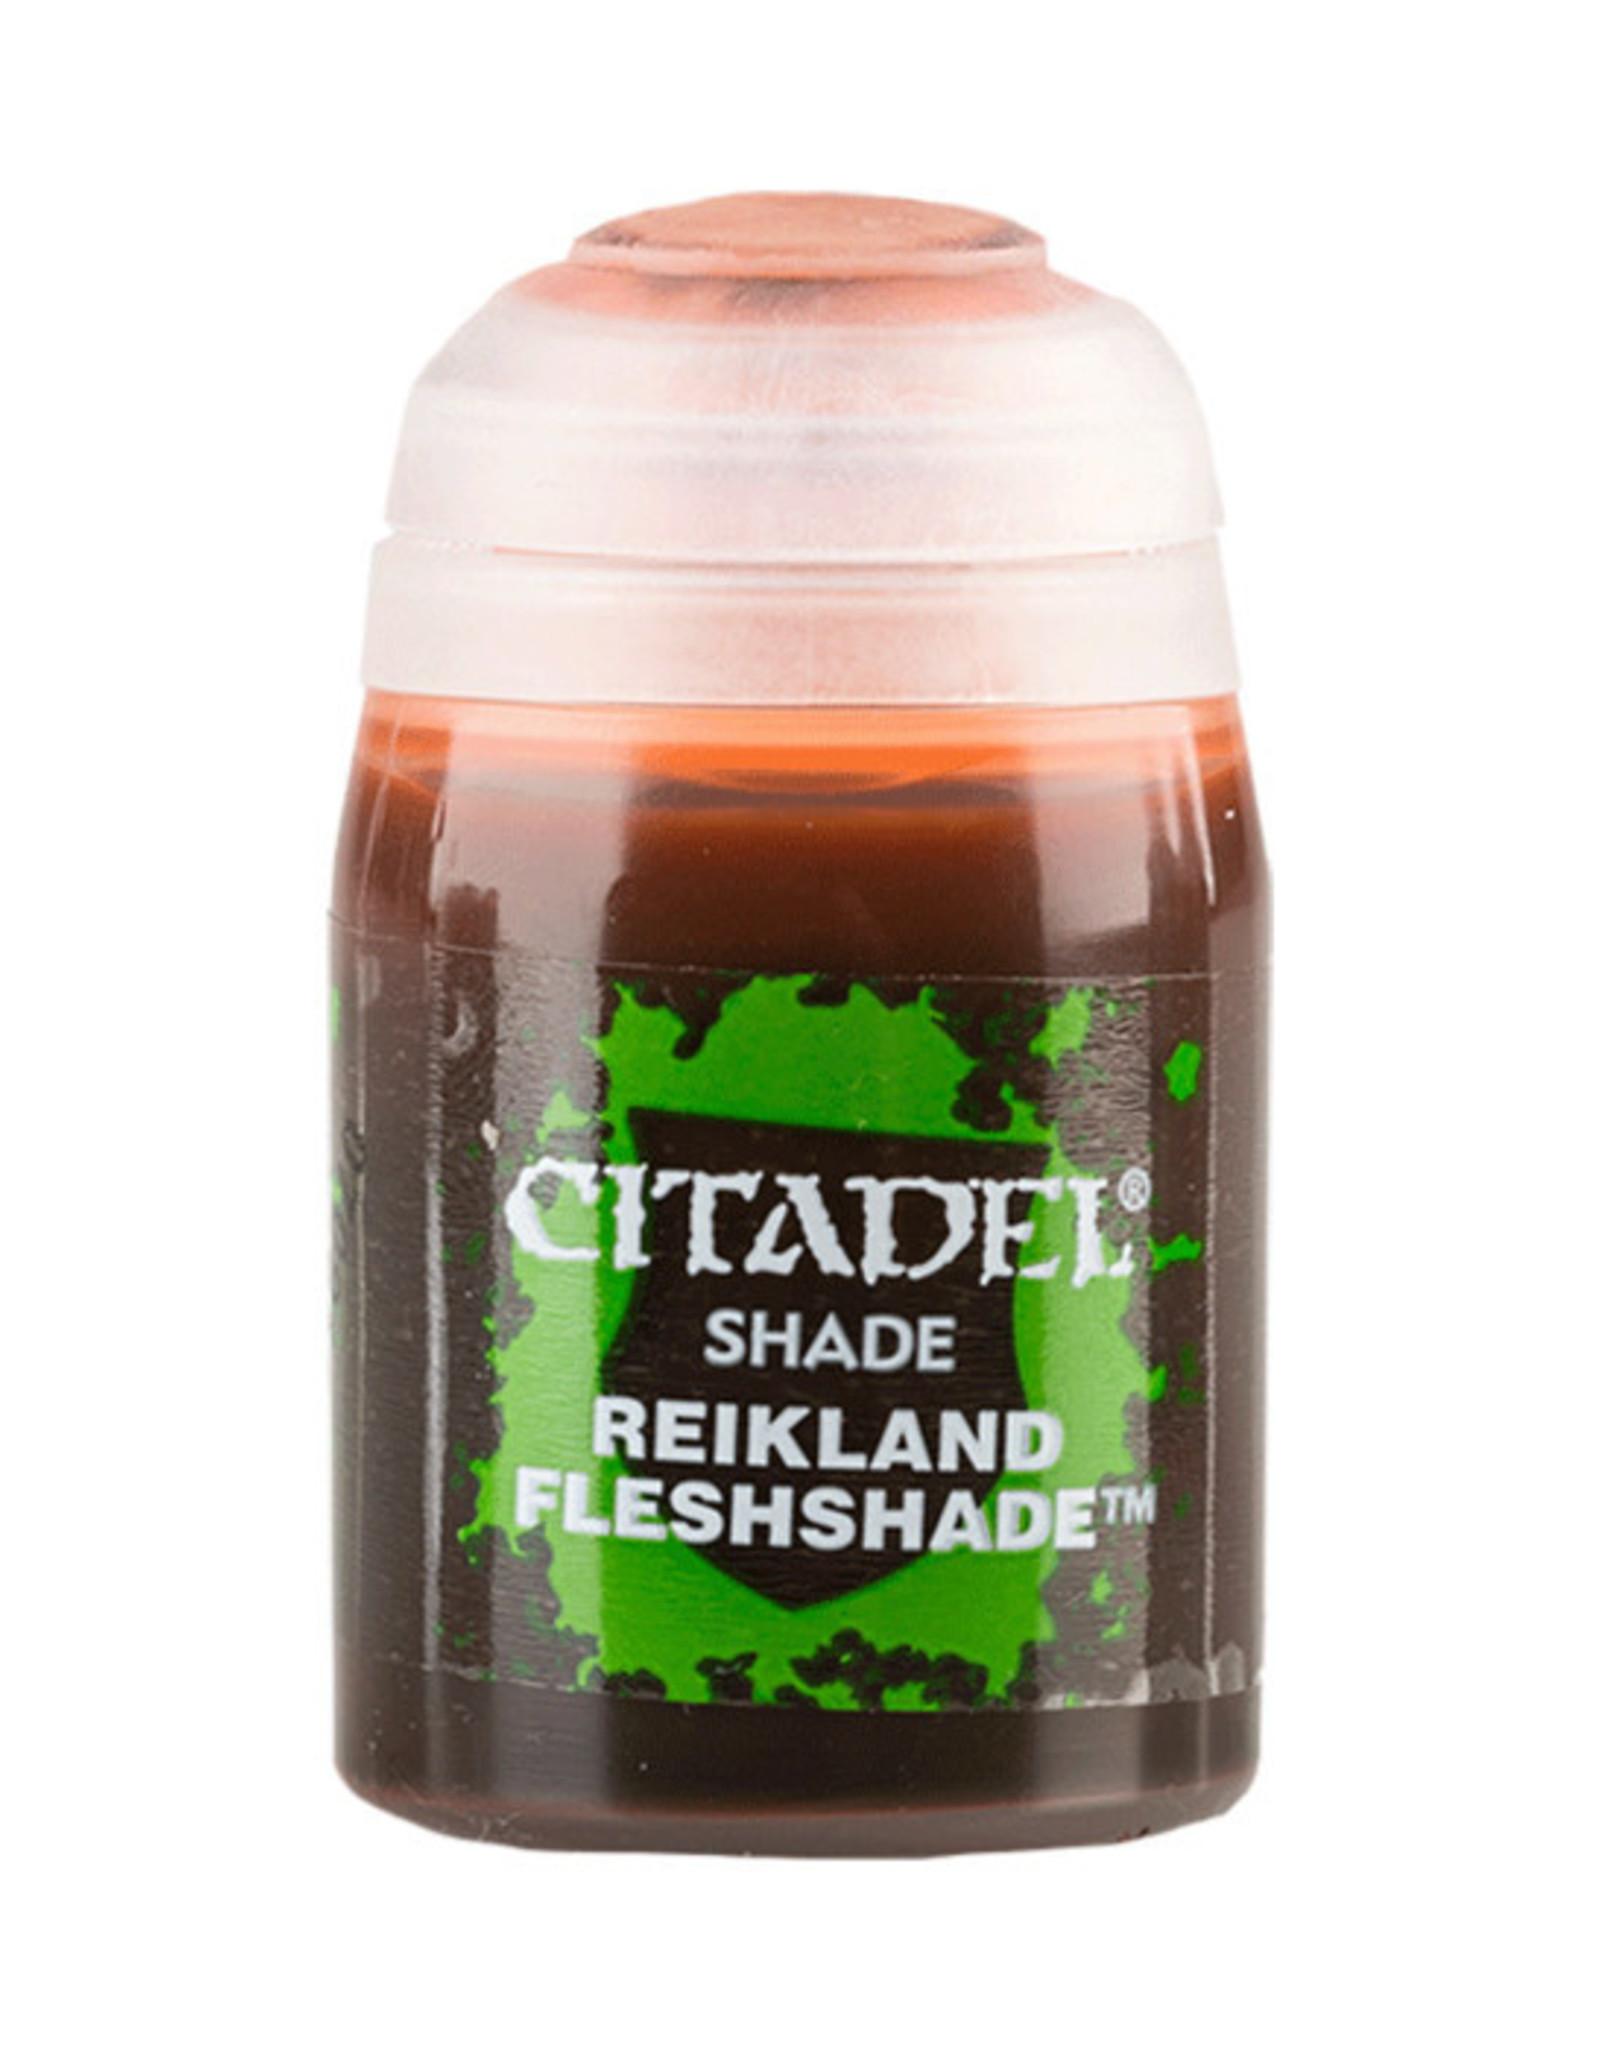 Citadel Citadel Colour: Shade - Reikland Fleshshade (24 ML)